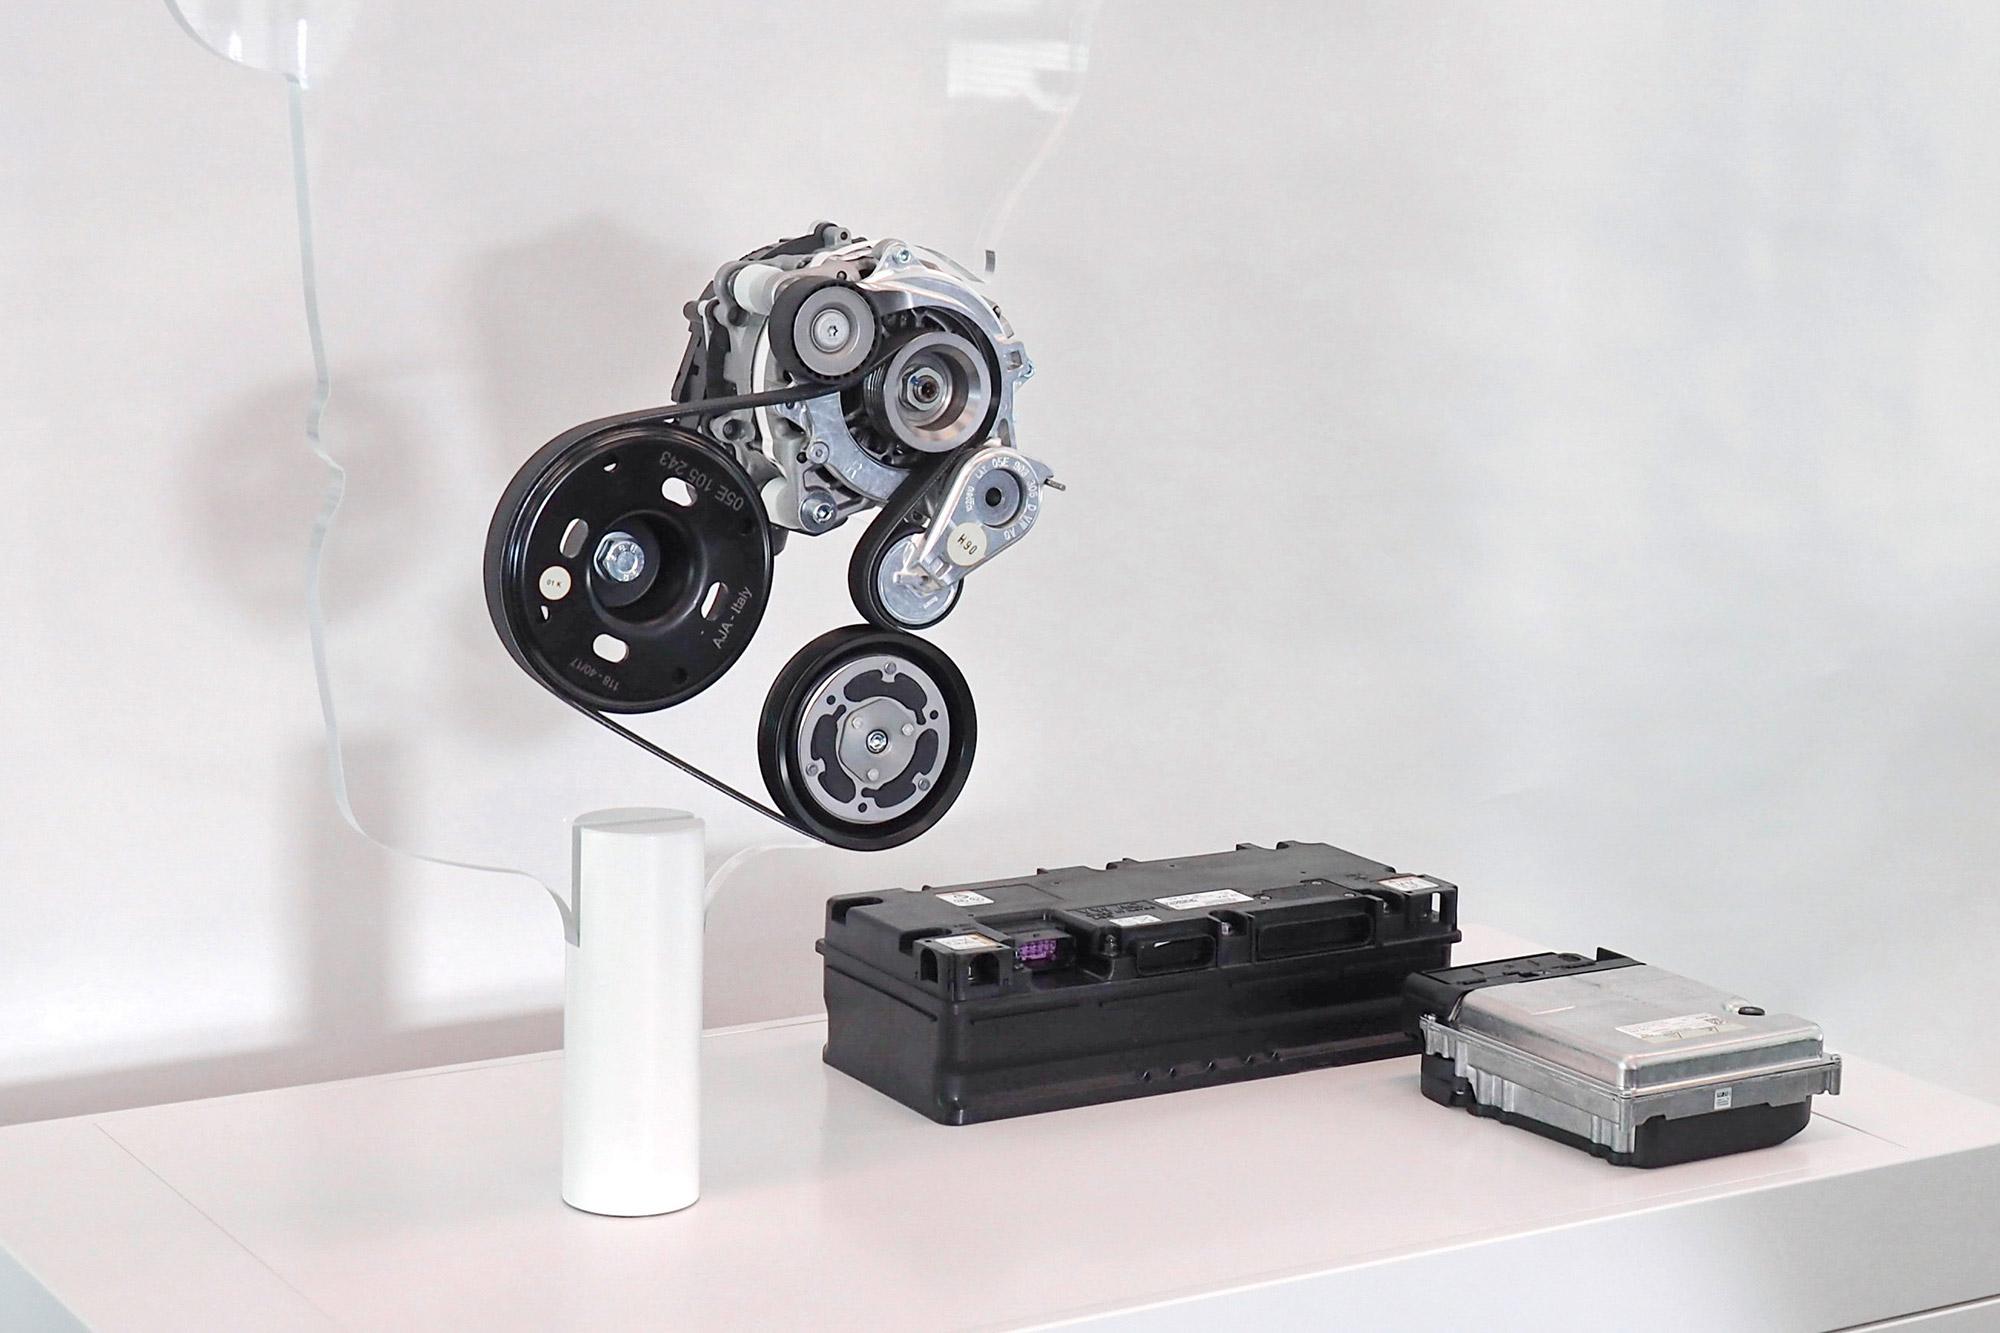 目前主流的 Mild-Hybrid 系統,大多以啟動馬達發電機的小型馬達為核心,搭配小型鋰電池組。